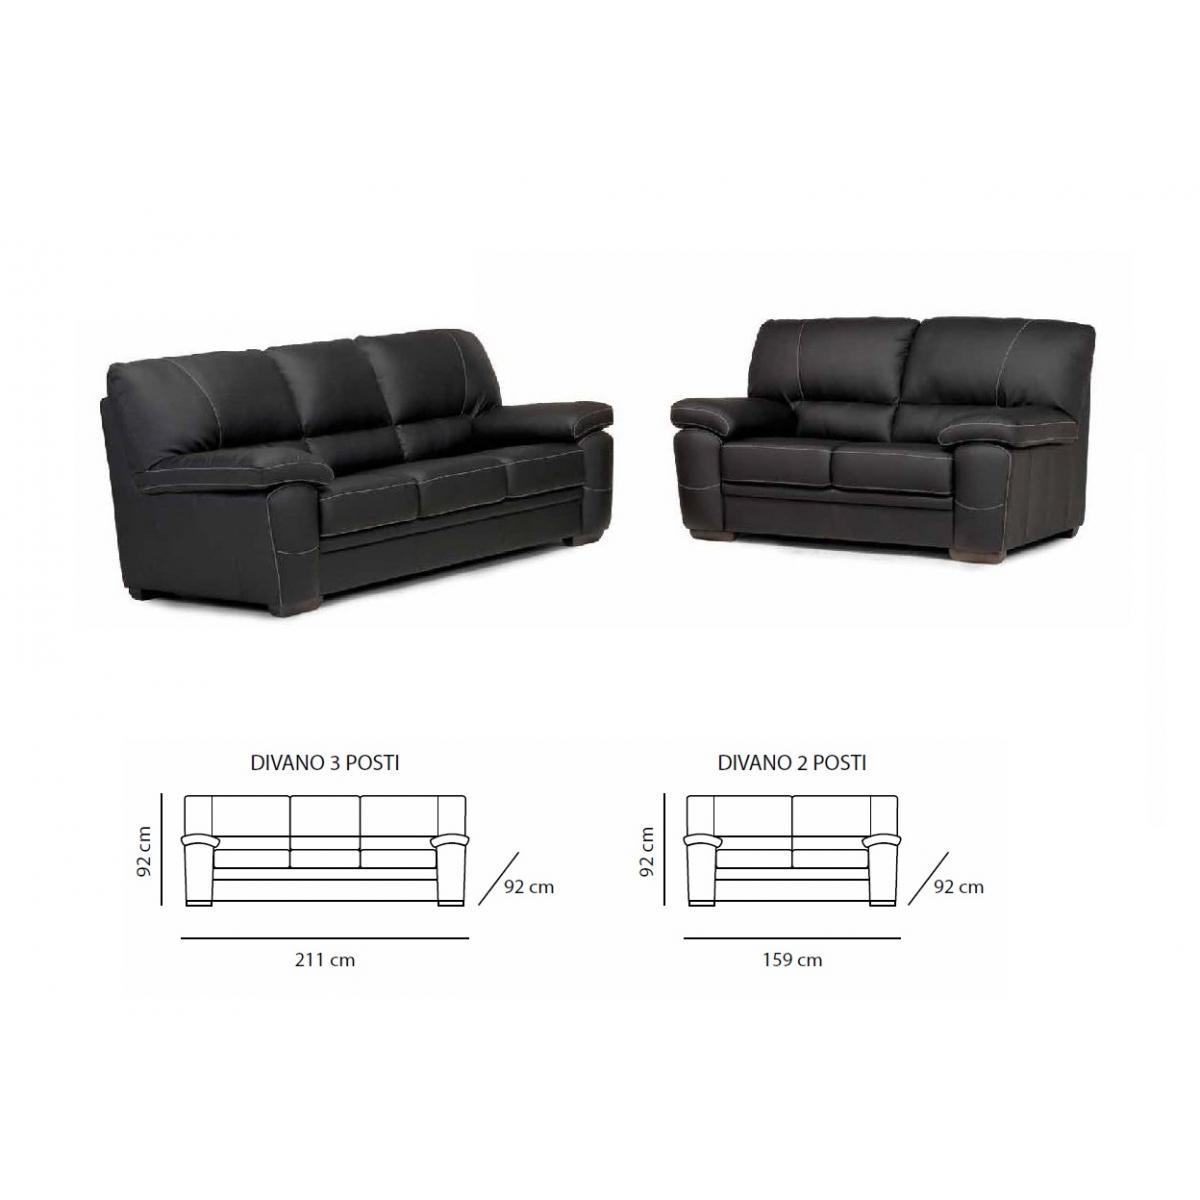 499 composizione divano 3 posti 2 posti - Divano 3 posti divano 2 posti ...